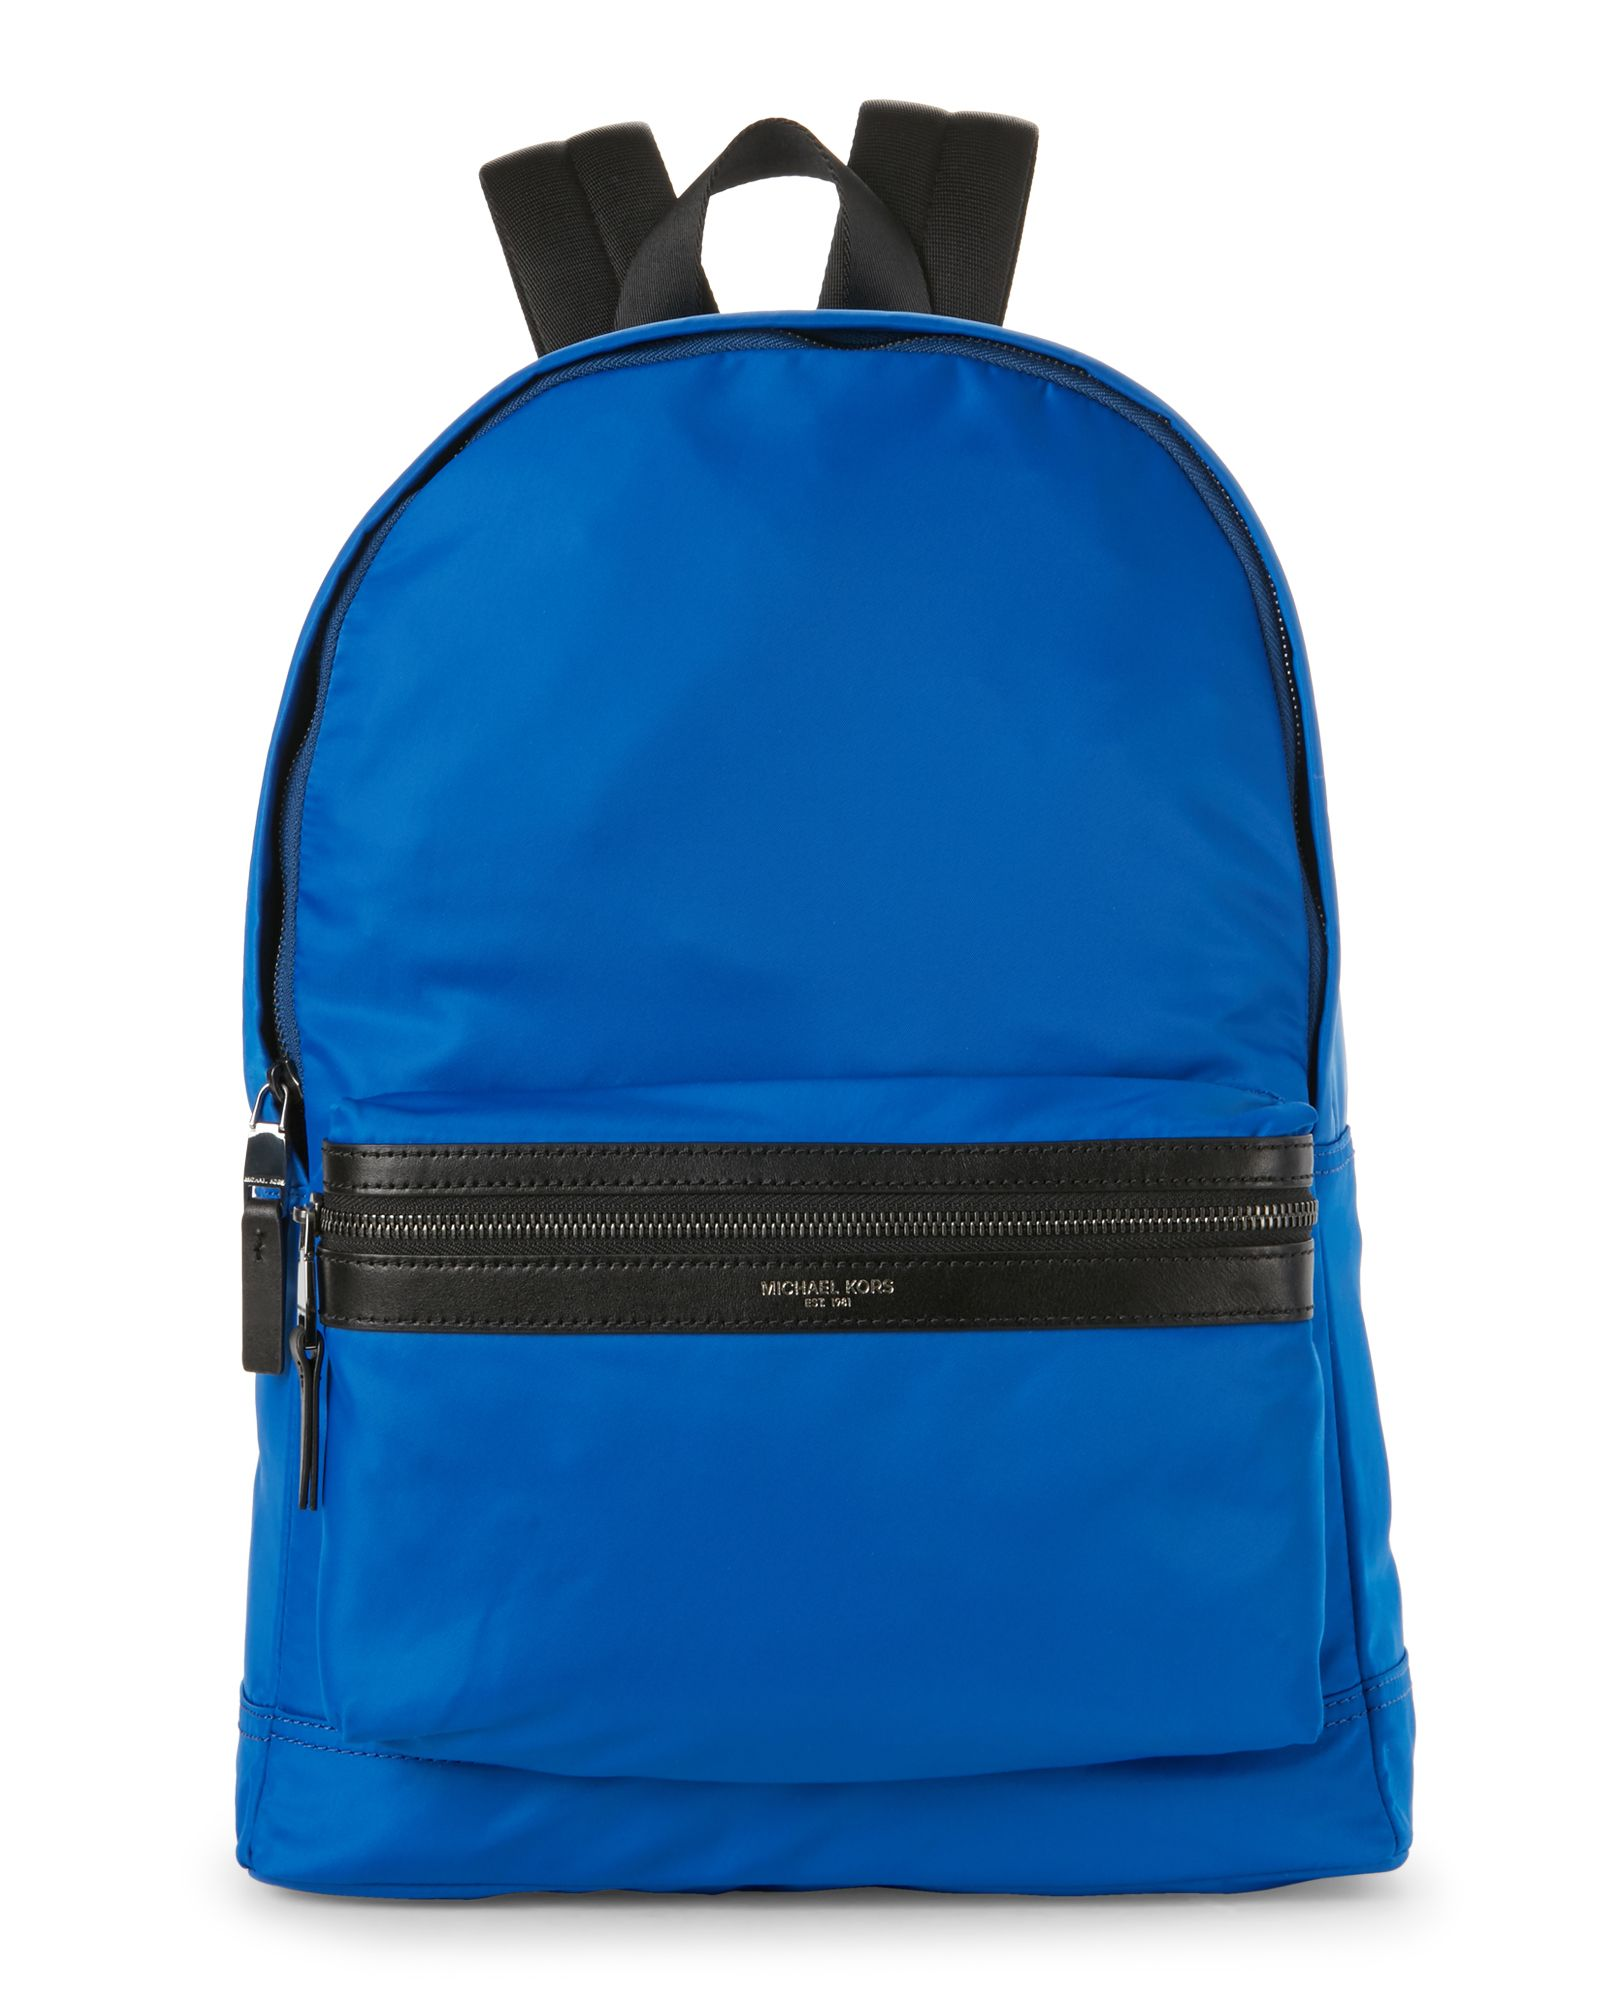 10b9c8668c20 ... denmark michael kors kelsey ultra pink nylon large backpack msrp ..  086f9 383b7